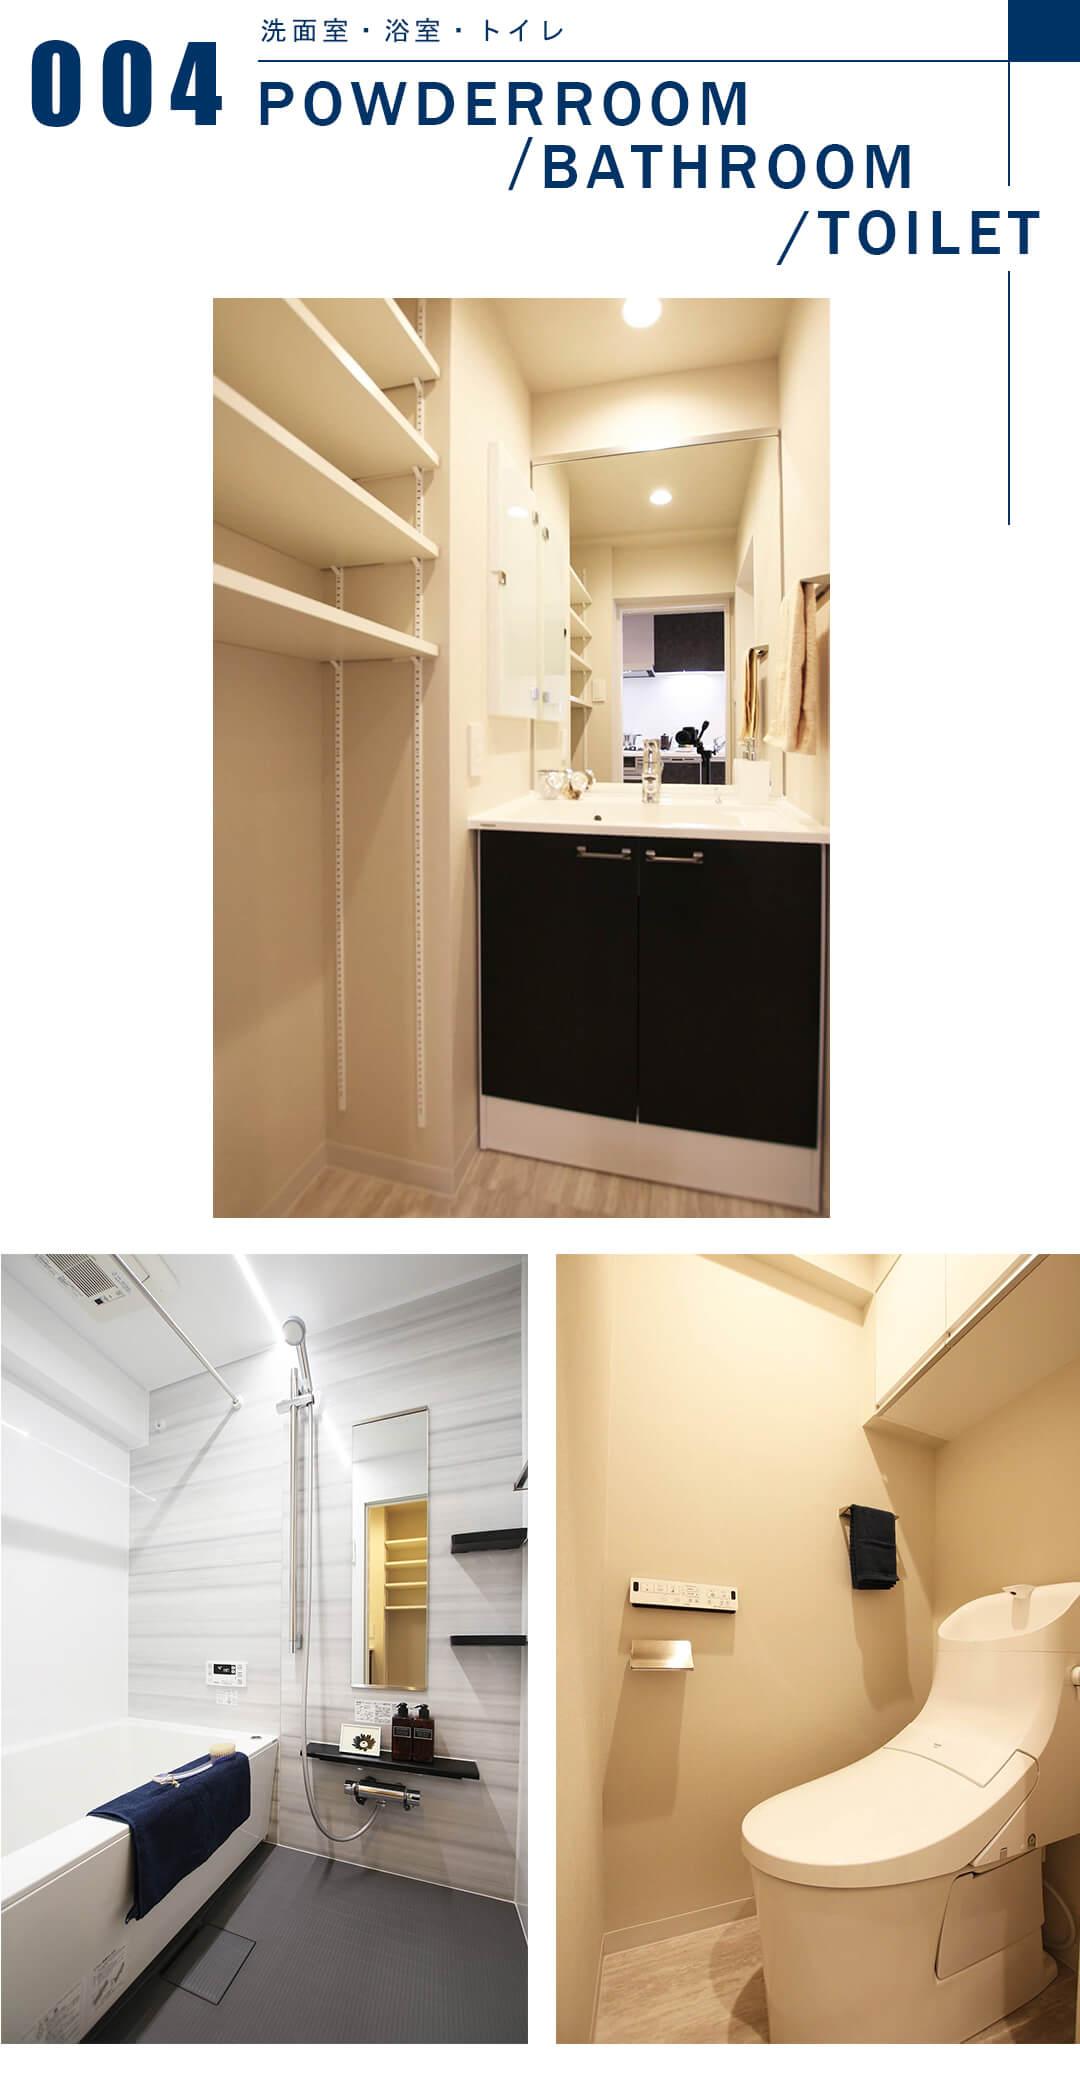 品川マンションの洗面室と浴室とトイレ